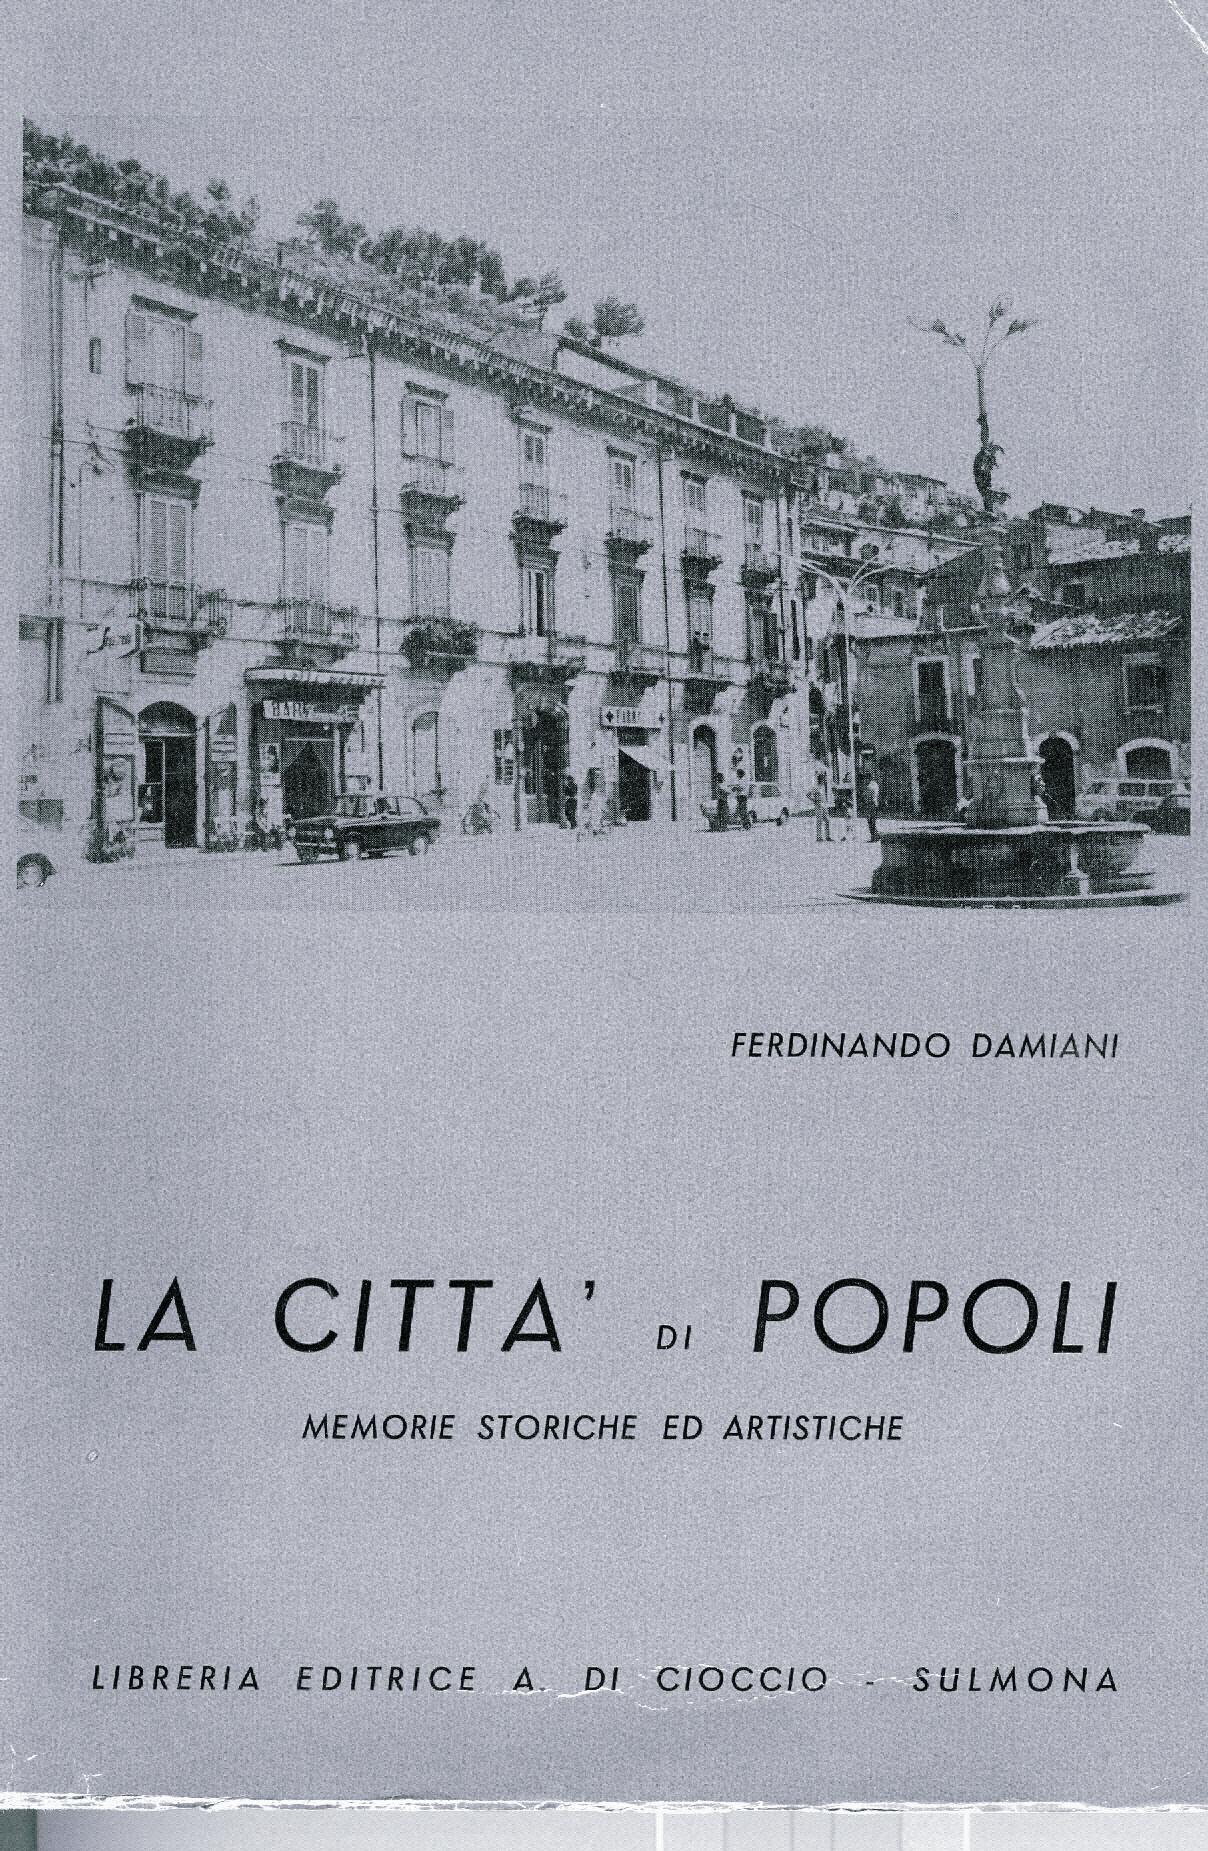 La città di Popoli